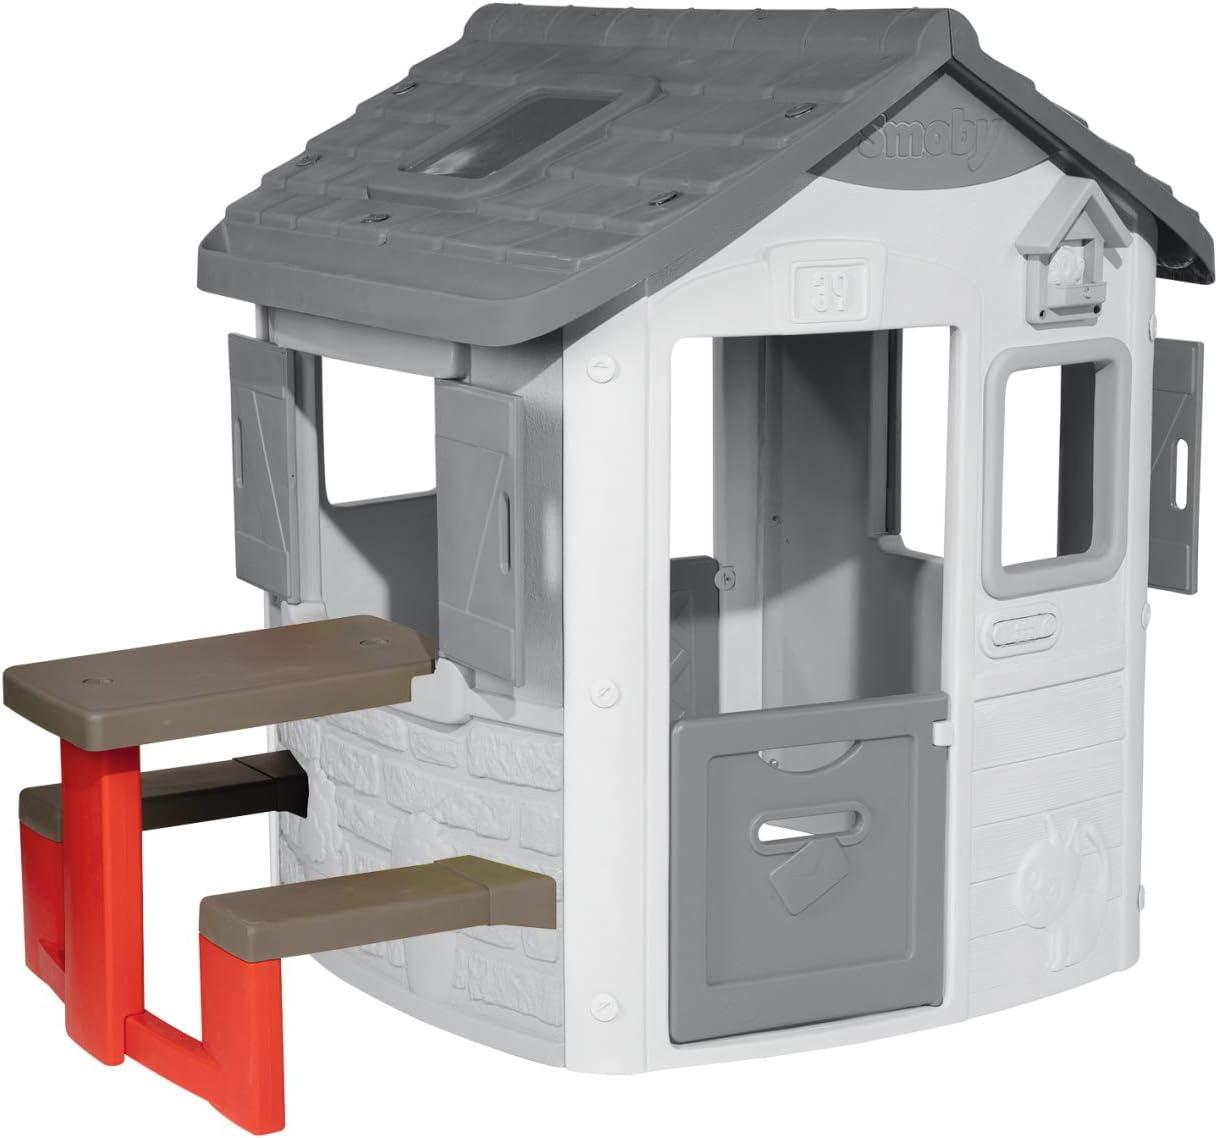 Smoby-Mesa de exterior para Jura Lodge II (810902) Accesorio casita, color rojo , color/modelo surtido